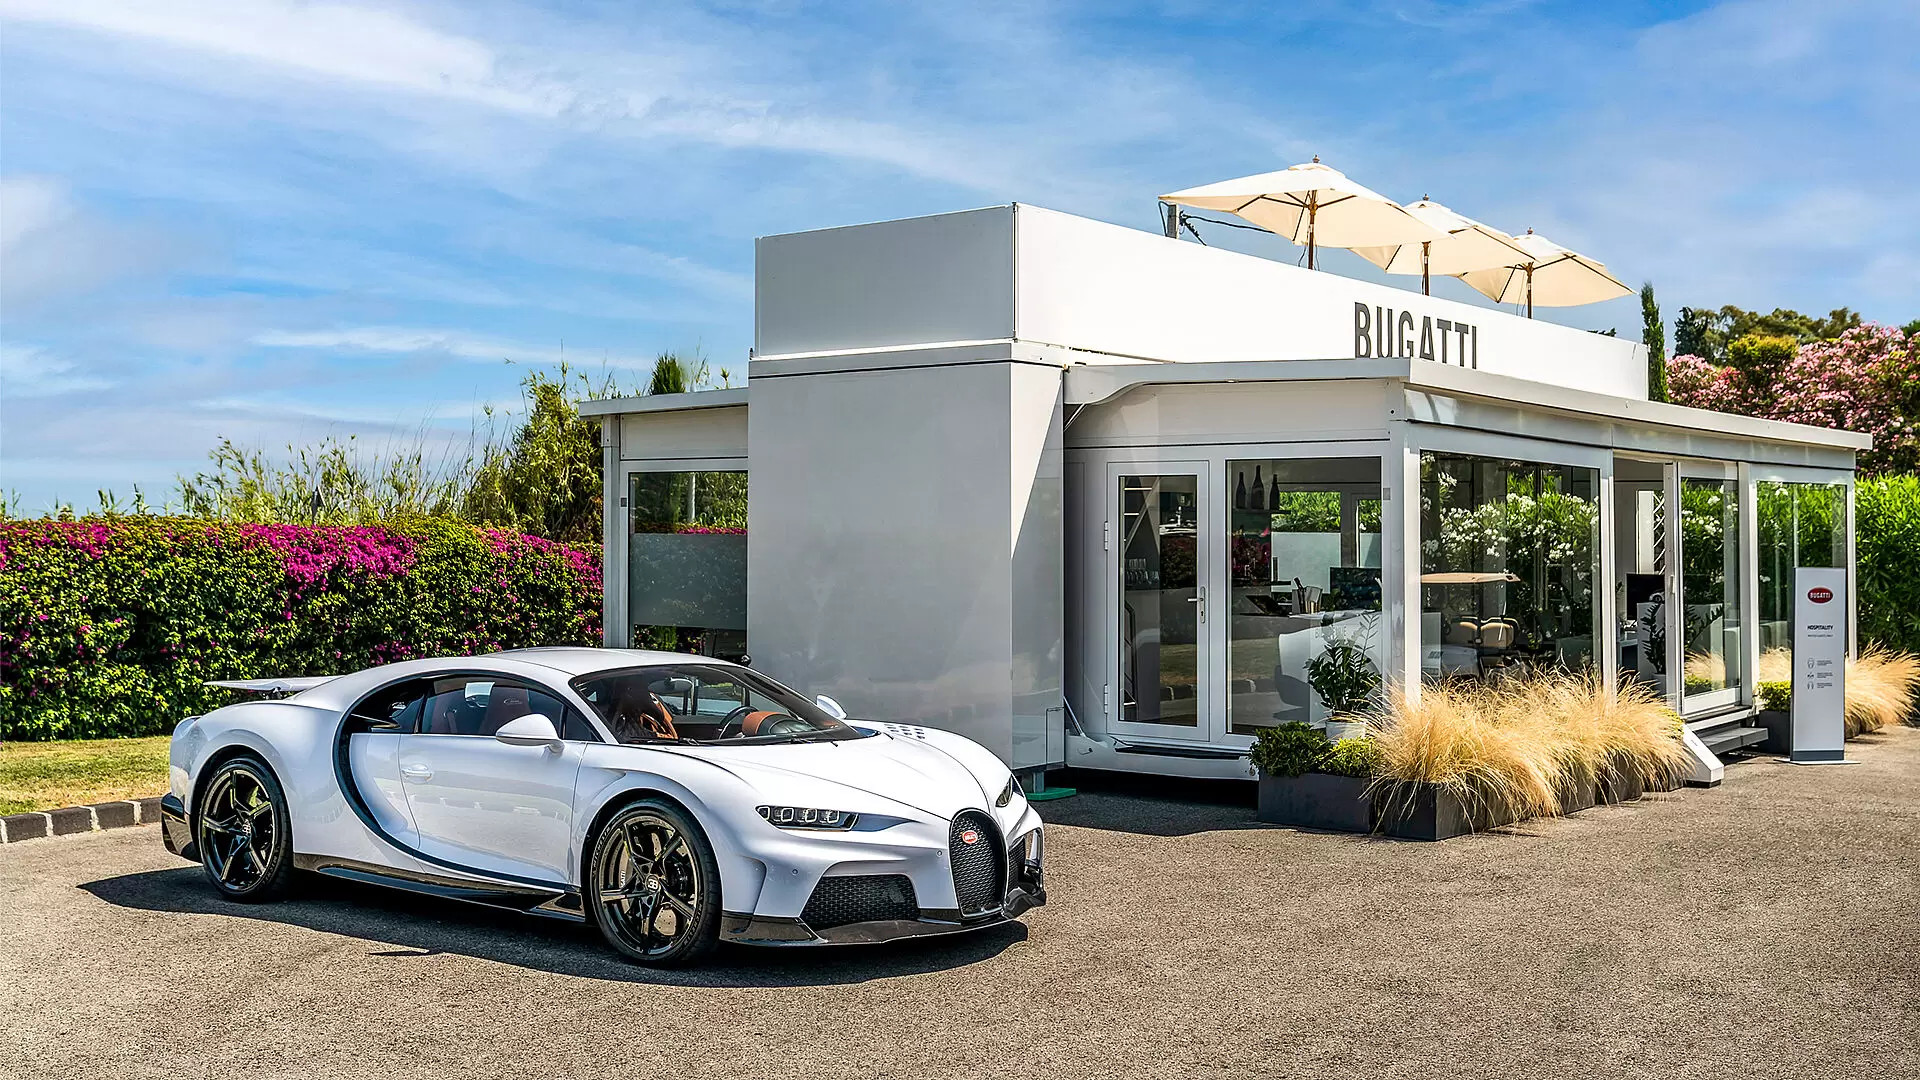 Bugatti Summer Road Show (Fotos: Bugatti Automobiles S.A.S.)